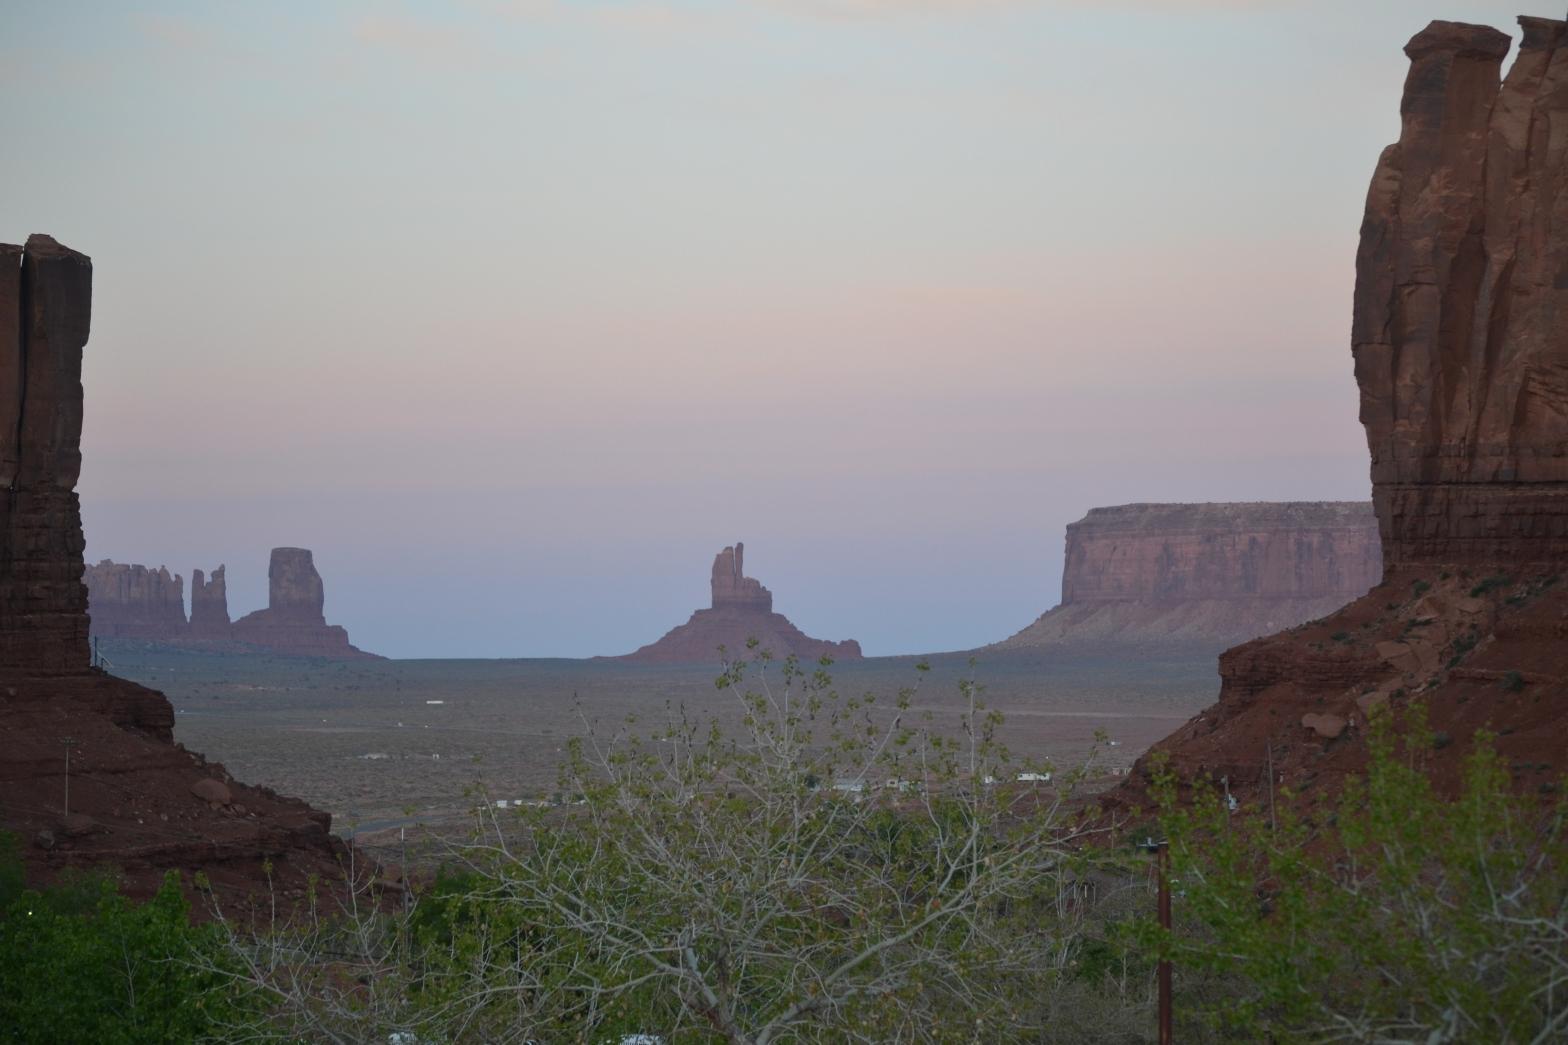 uitzicht op de rotsen van Monument Valley